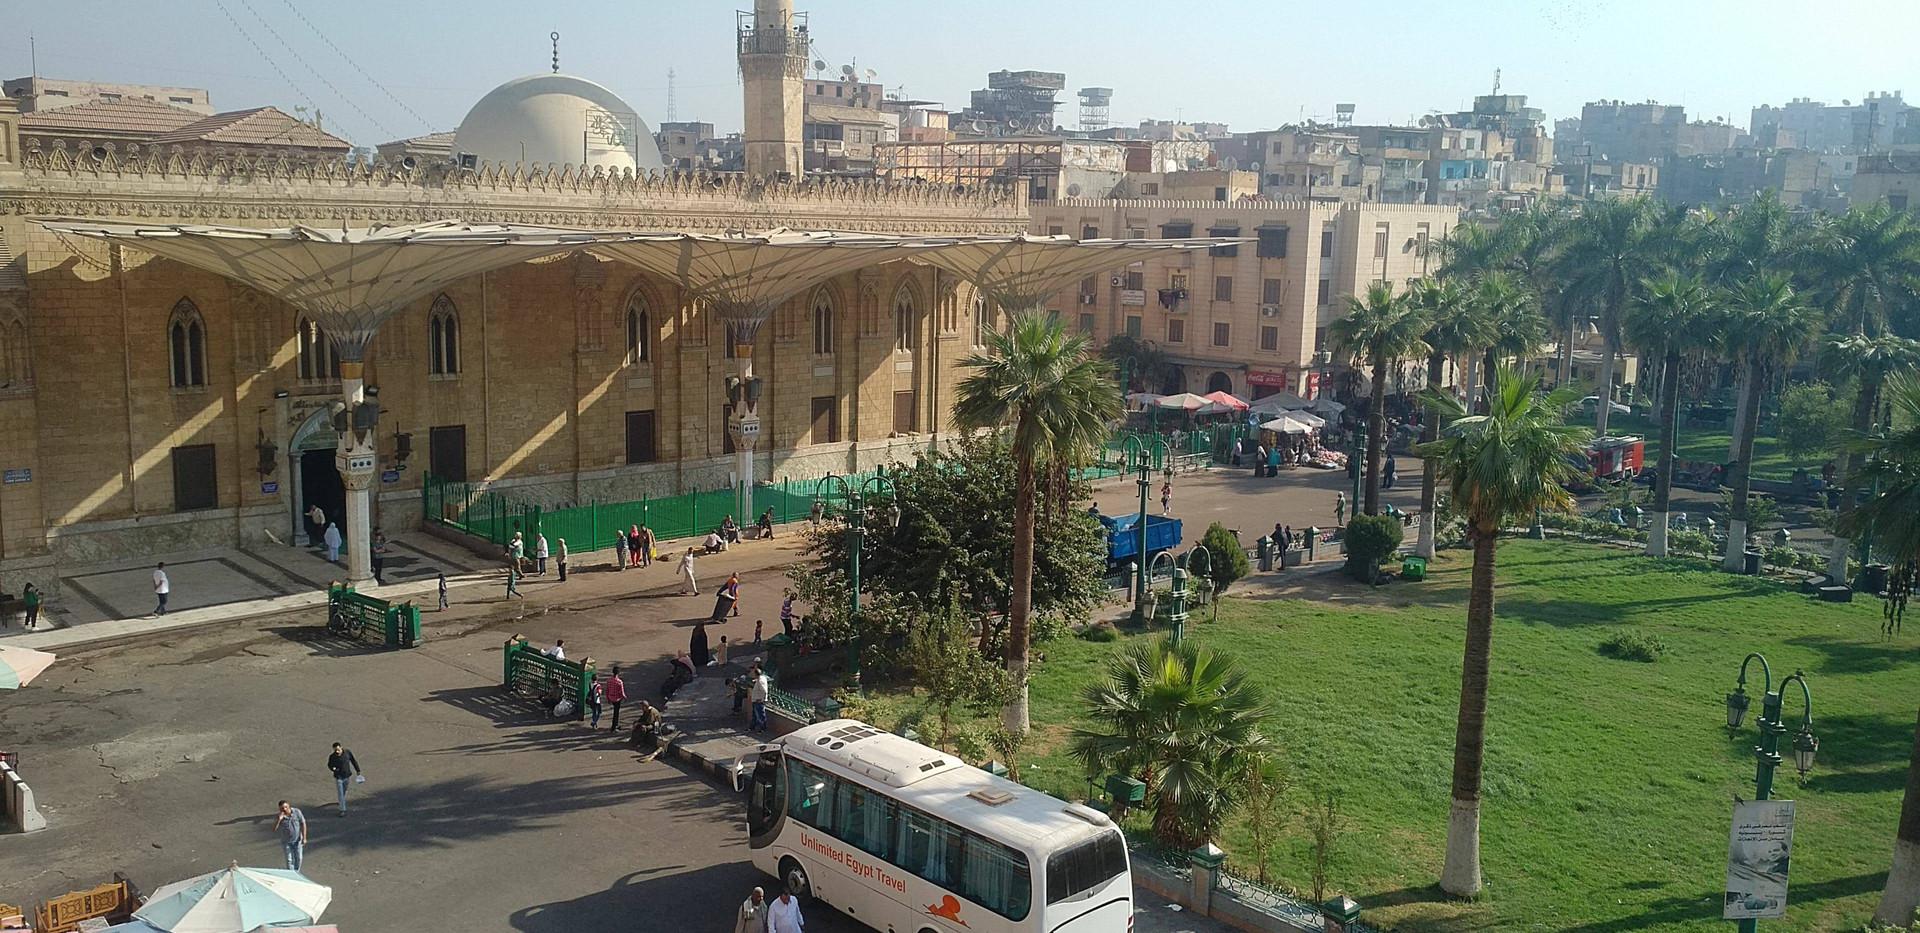 Al Hussein square